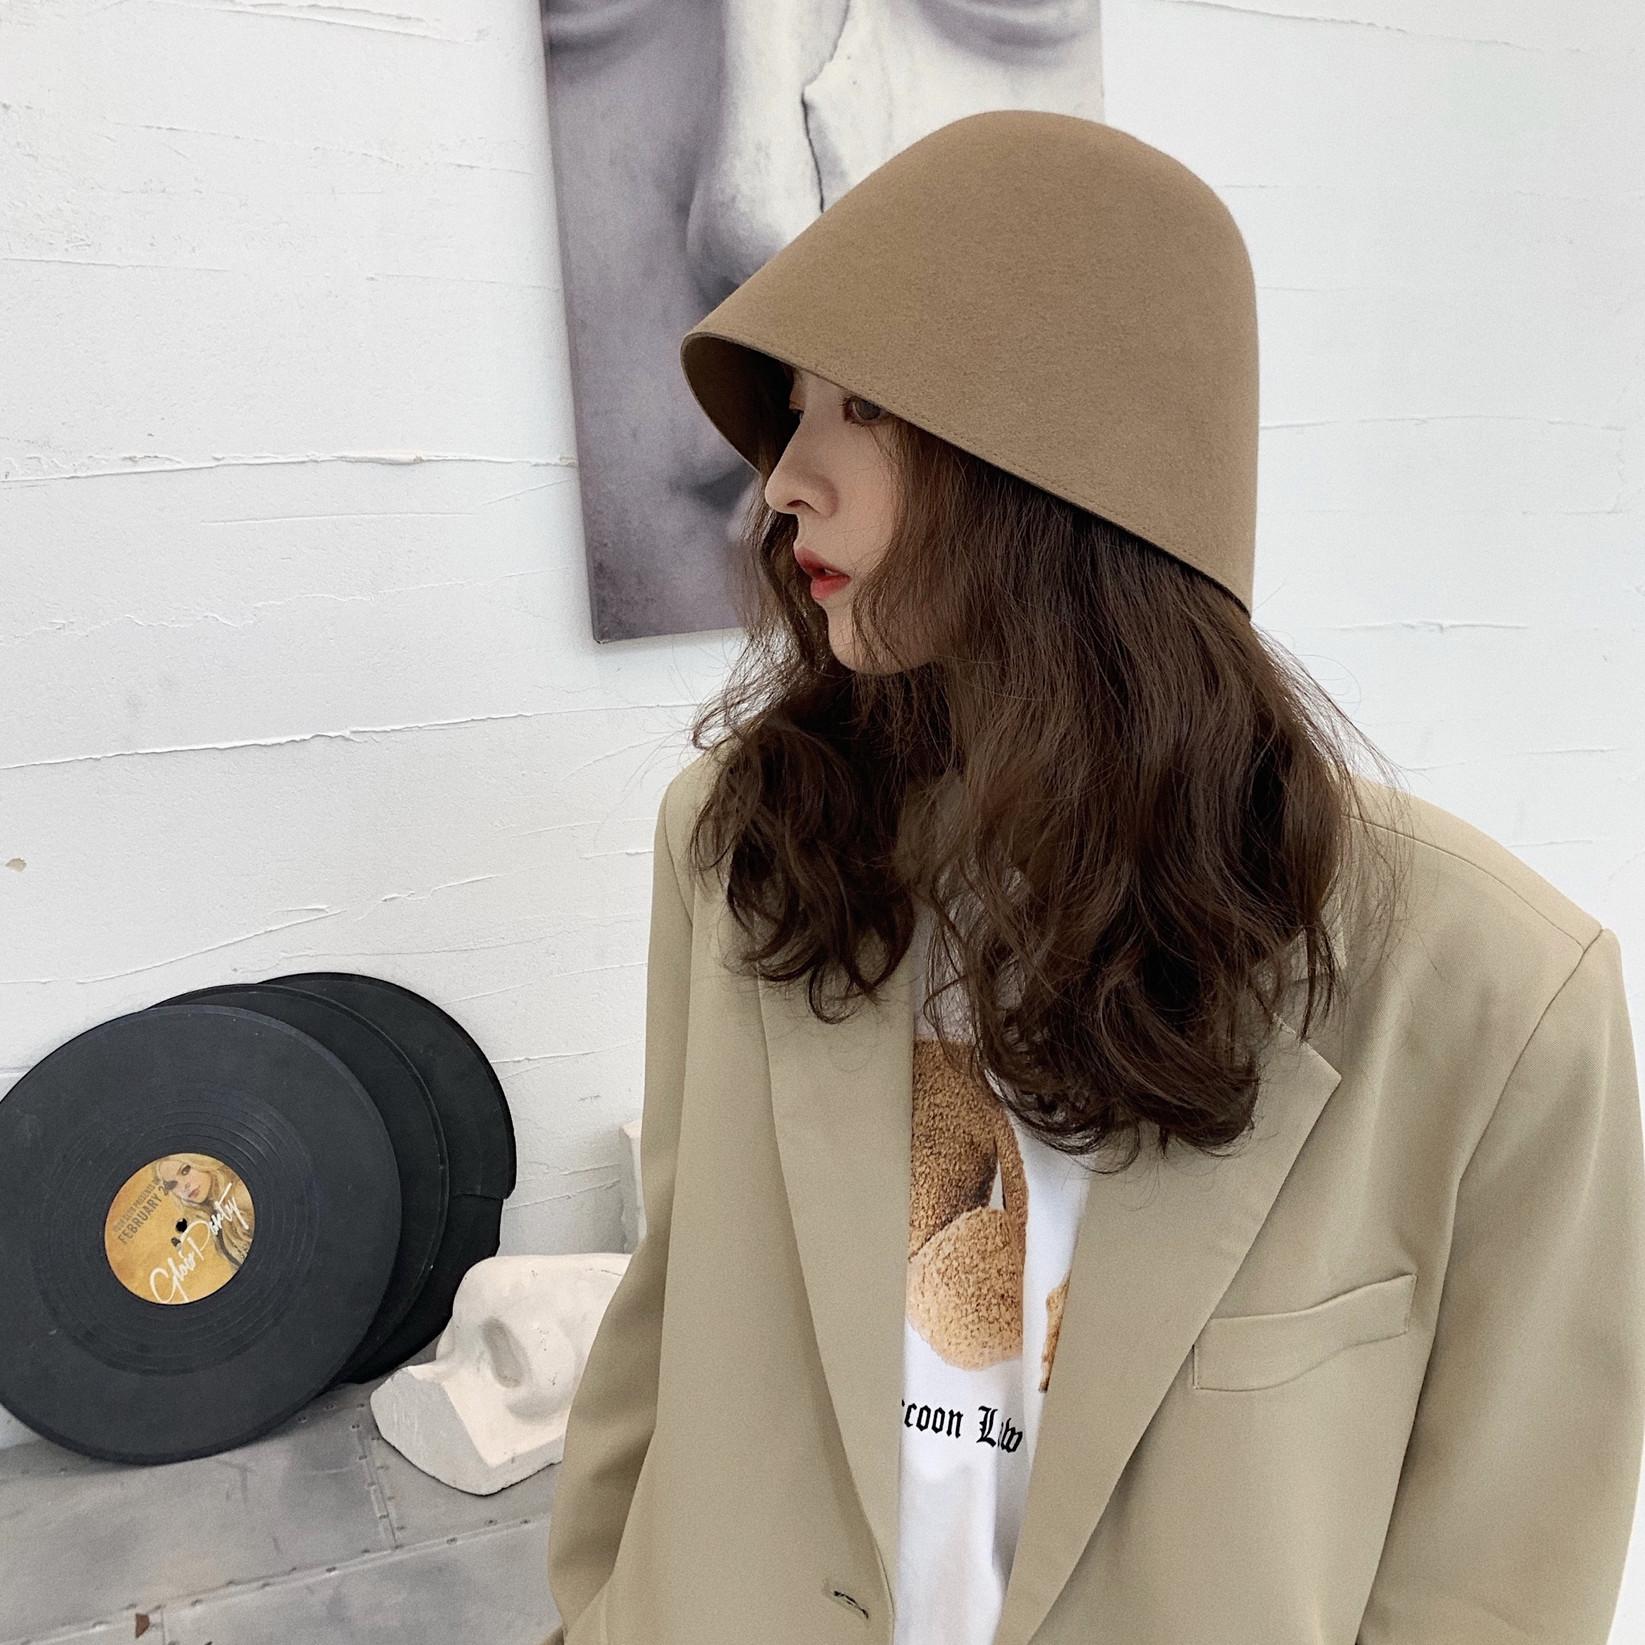 英伦复古钟型女士秋冬天潮渔夫帽子39.00元包邮